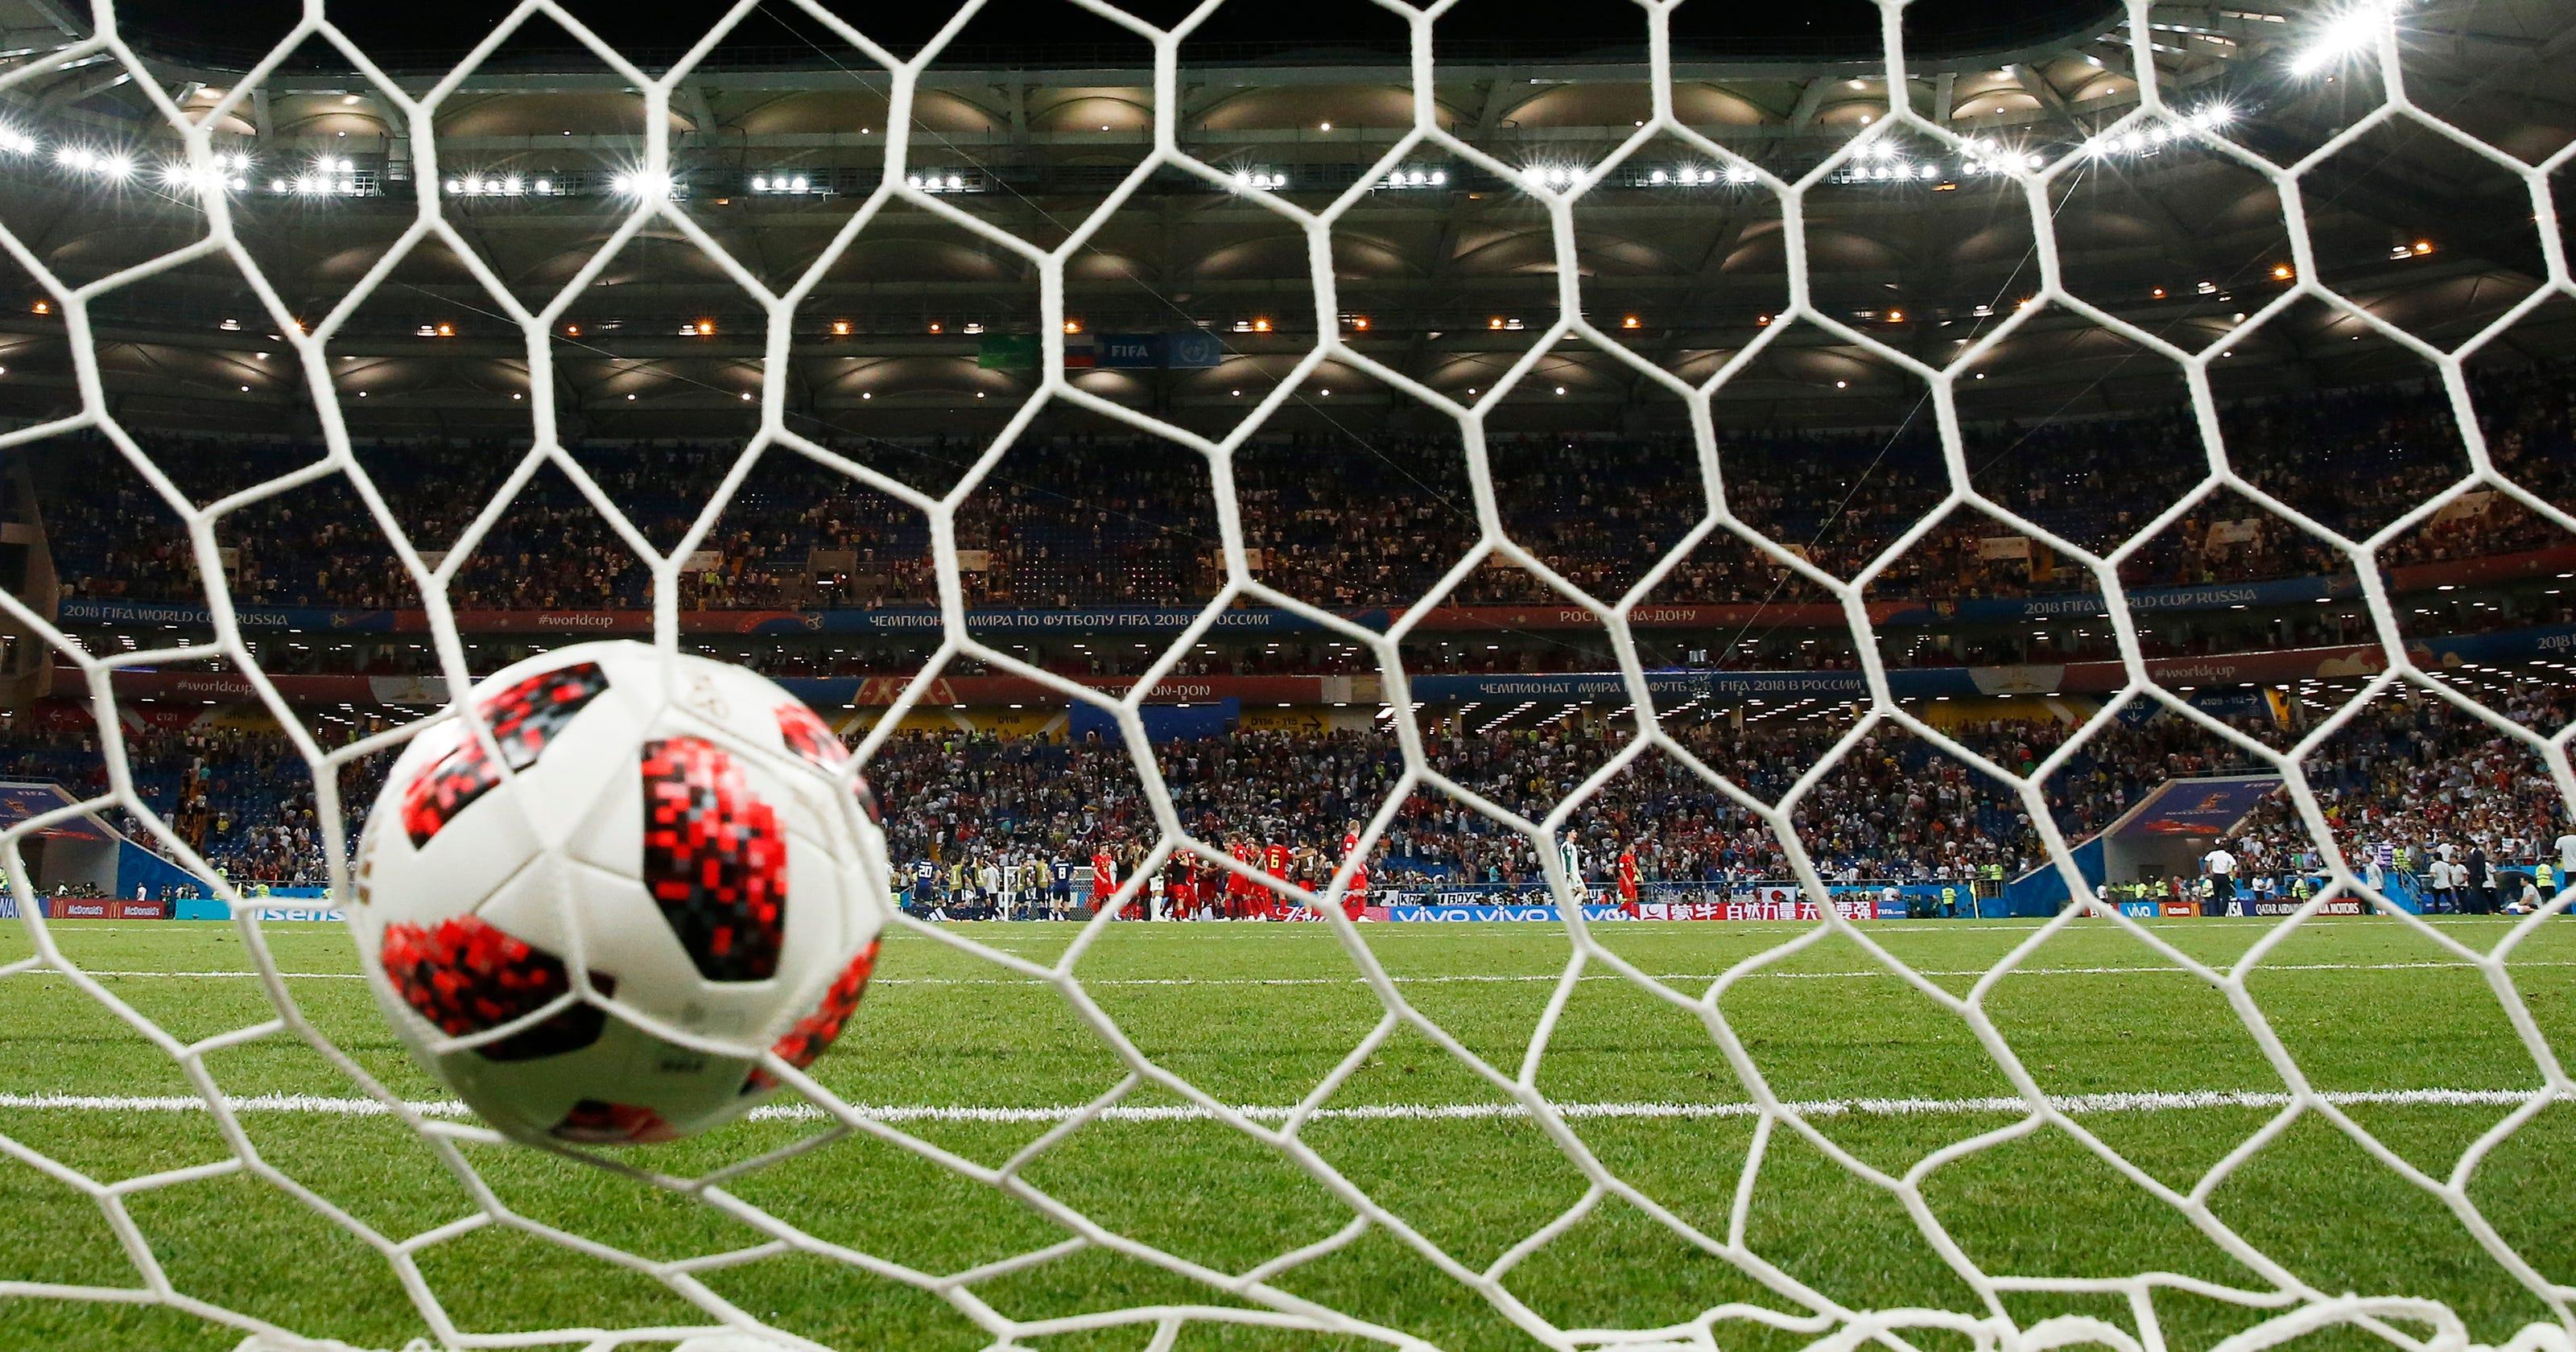 c27011fe3 World Cup 2018  France or Croatia  APP makes predictions